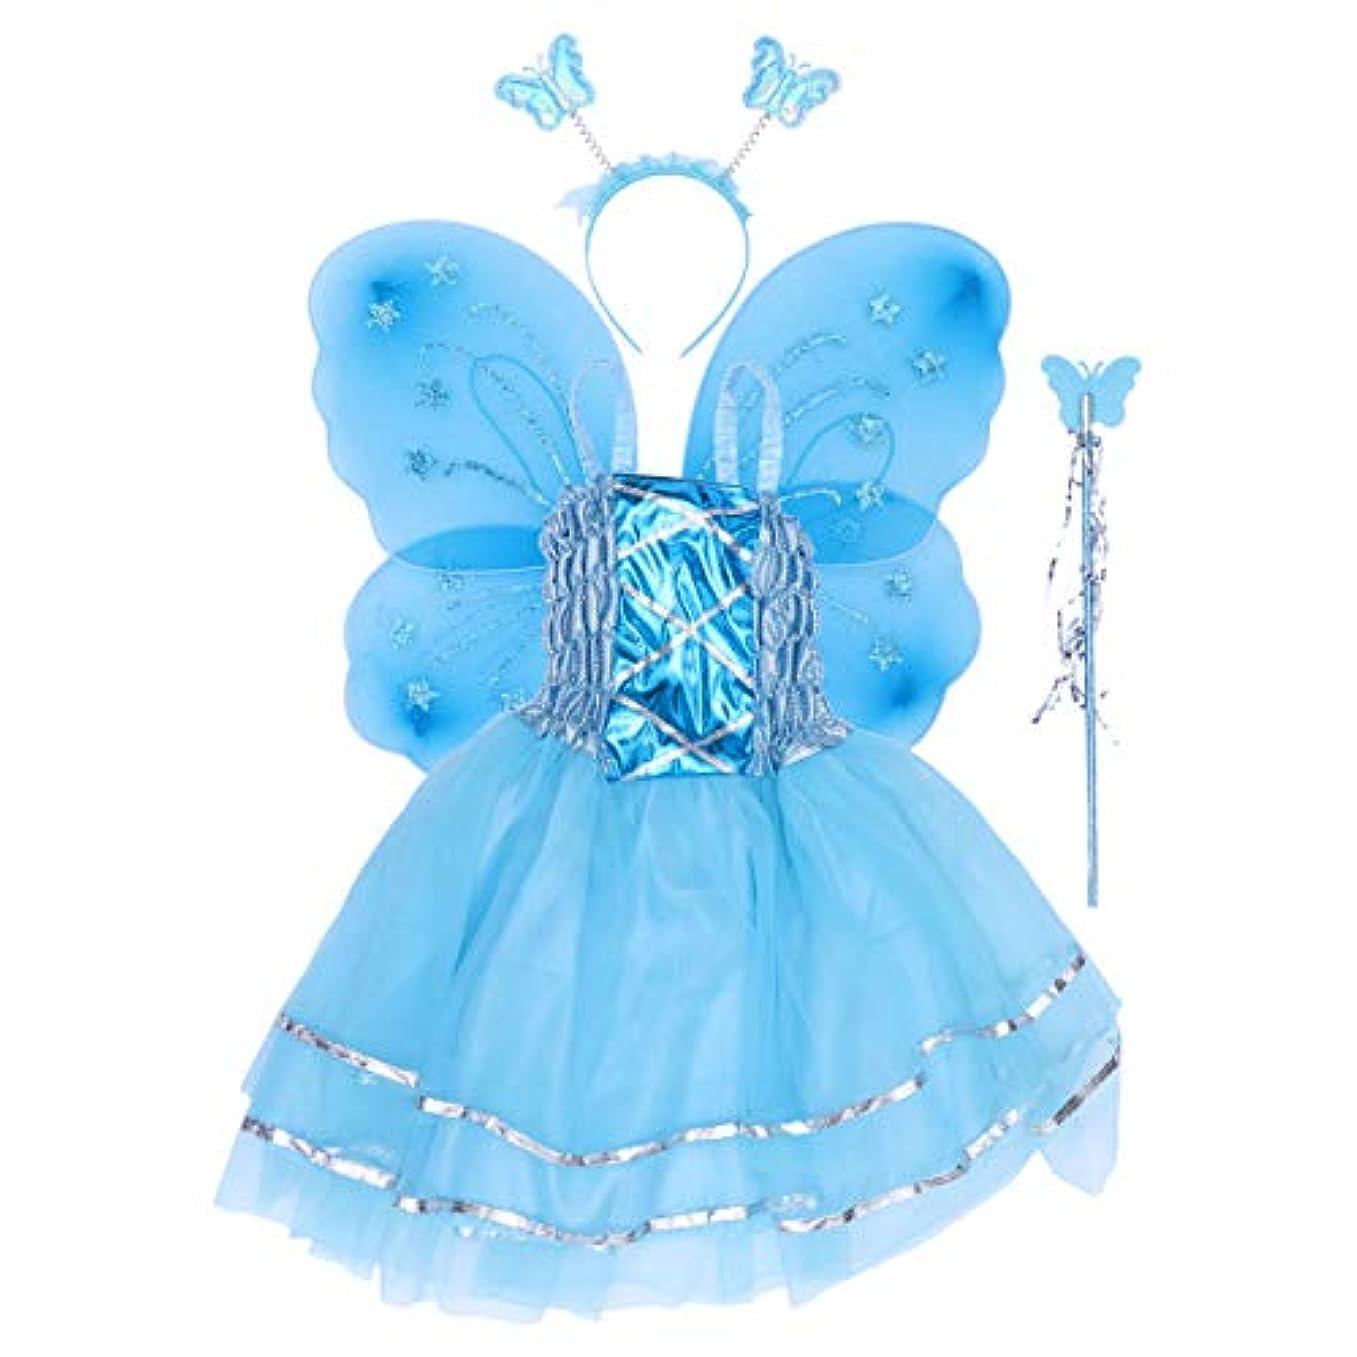 パンダ強化パンフレットBESTOYARD 蝶の羽、ワンド、ヘッドバンド、ツツードレス(スカイブルー)と4個の女の子バタフライプリンセス妖精のコスチュームセット